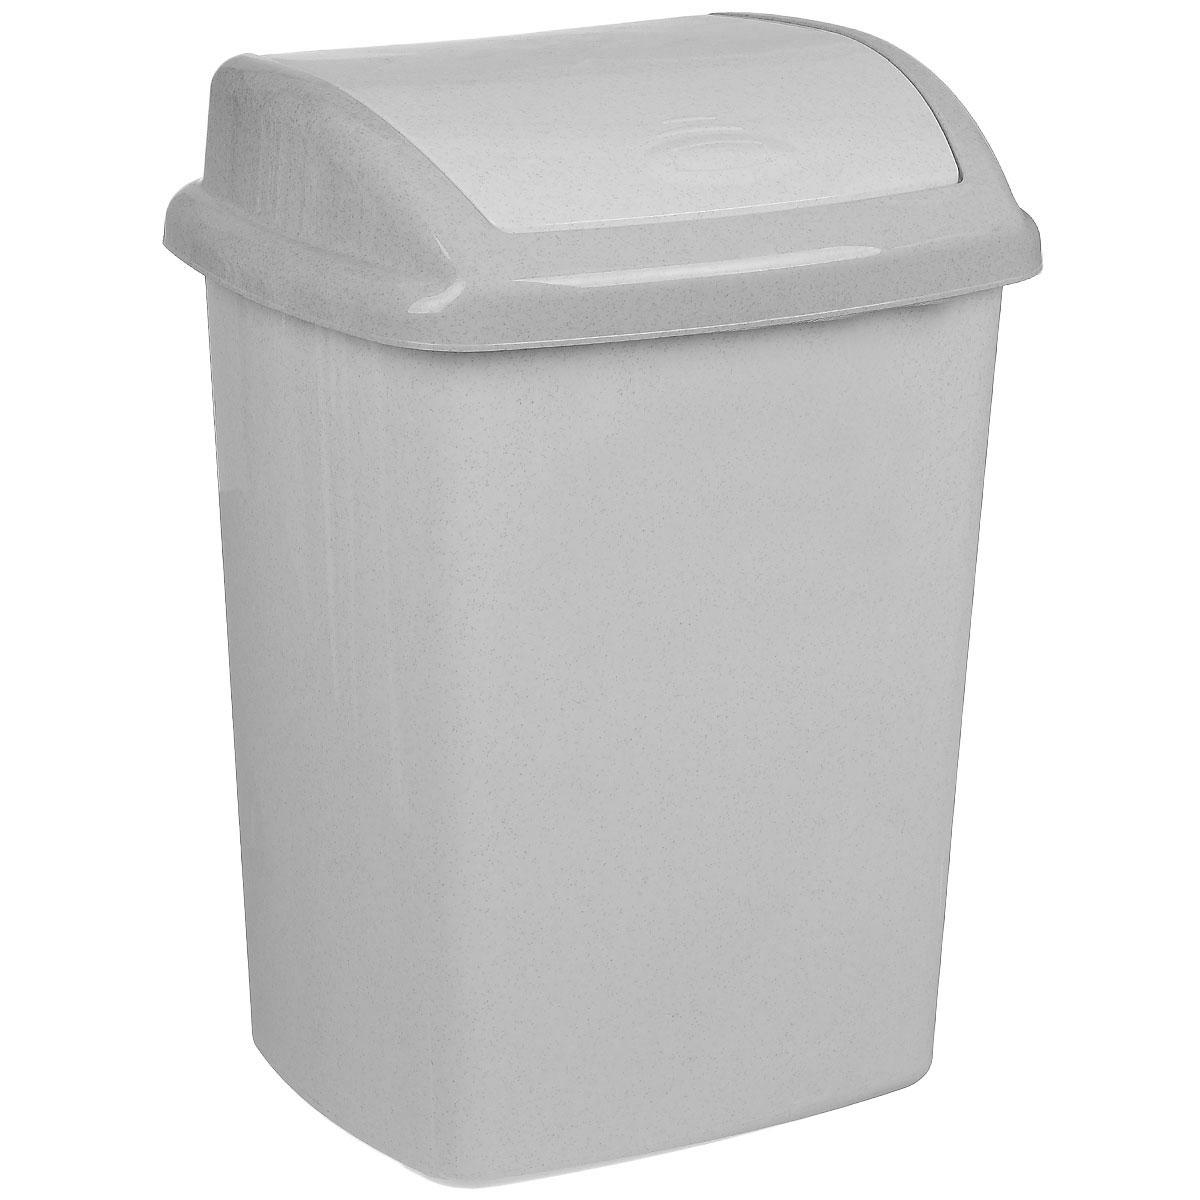 Контейнер для мусора Curver Доминик, цвет: серый люкс (гранит), 25 л5322_серый люкс / гранитКонтейнер для мусора Curver Доминик изготовлен из прочного пластика. Контейнерснабжен удобной крышкой с подвижной перегородкой. В нем удобнохранить мелкий мусор. Благодаря лаконичному дизайну такой контейнер идеальновпишется в интерьер и дома, и офиса.